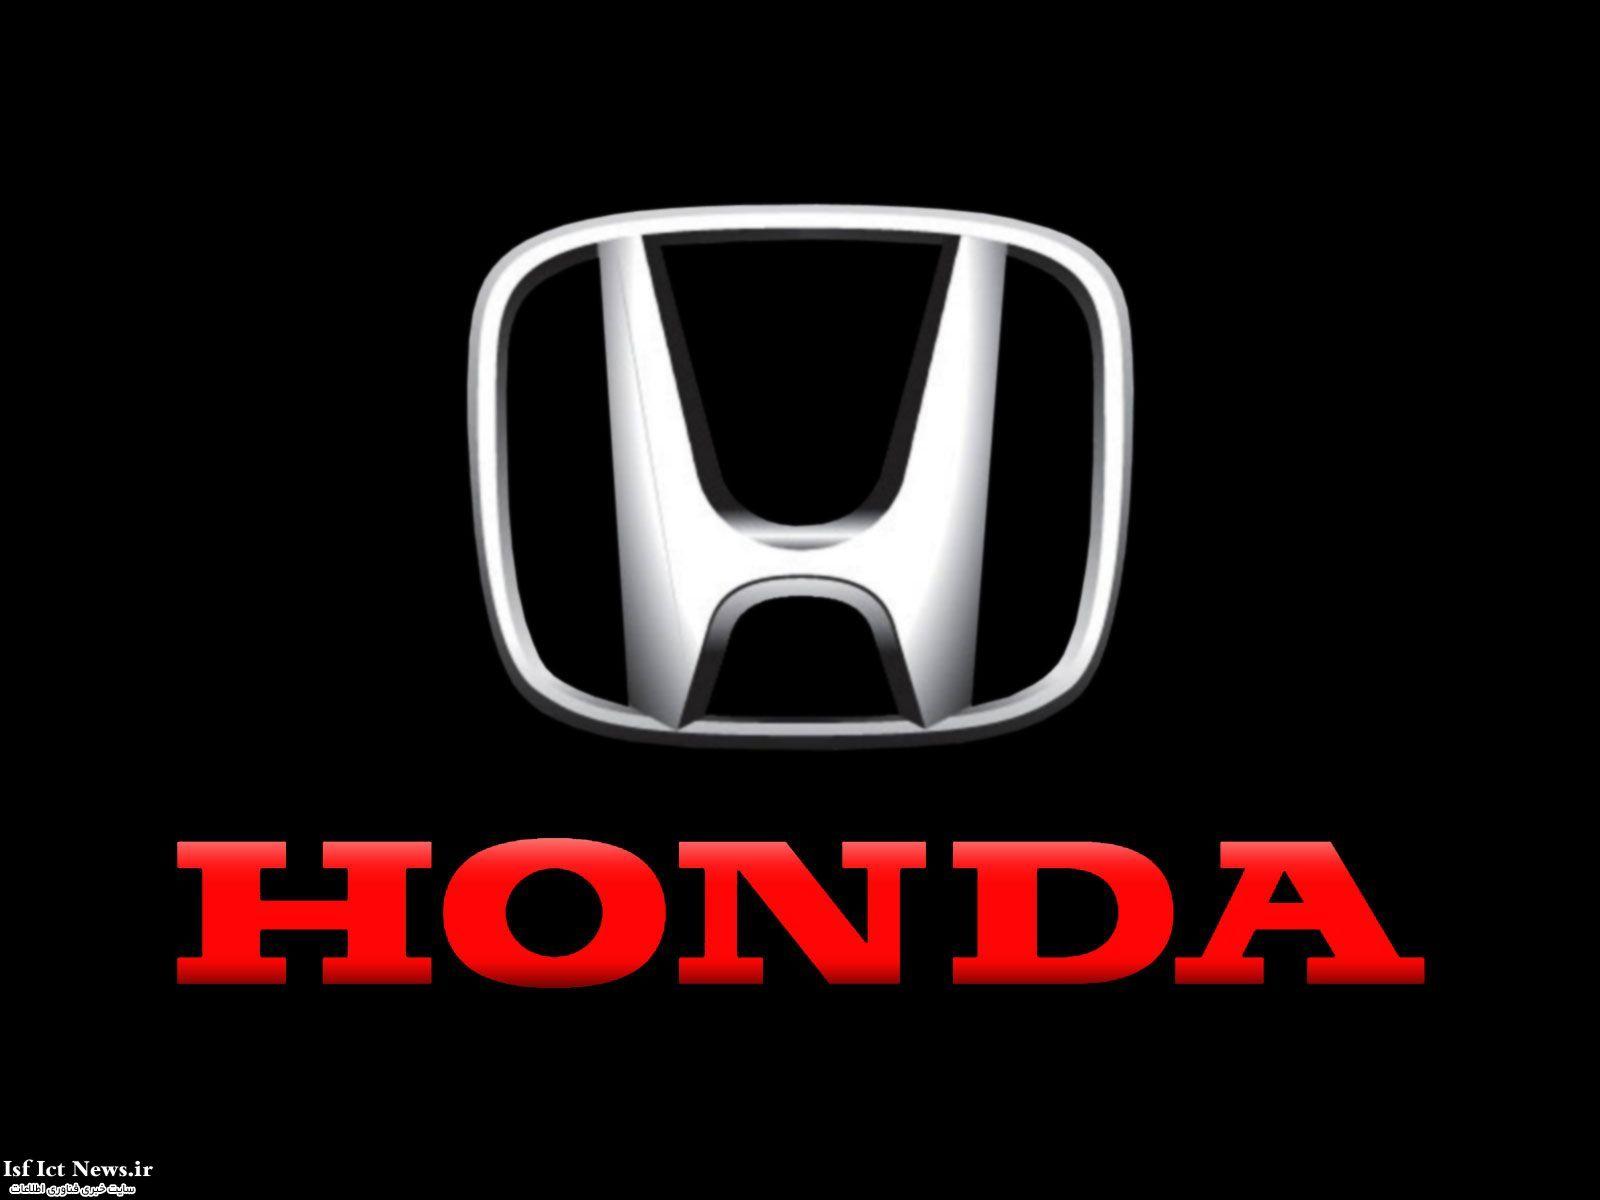 هوندا نیز اتوموبیلهای خودکار می سازد!